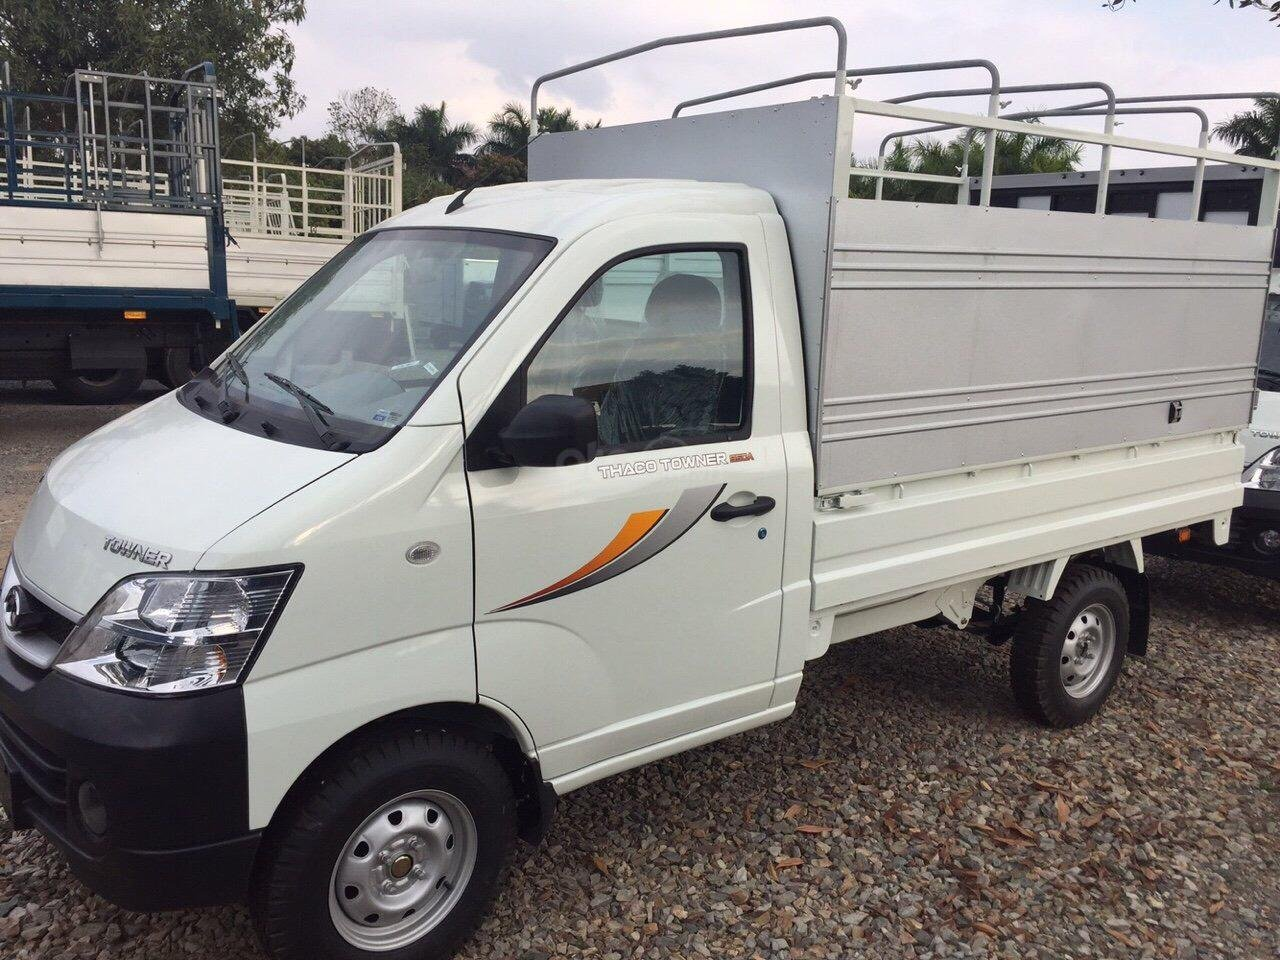 Thaco Towner 990, xe chạy phố, ưu đãi 100% thuế trước bạ, ĐK miễn phí, trả góp 60tr (1)